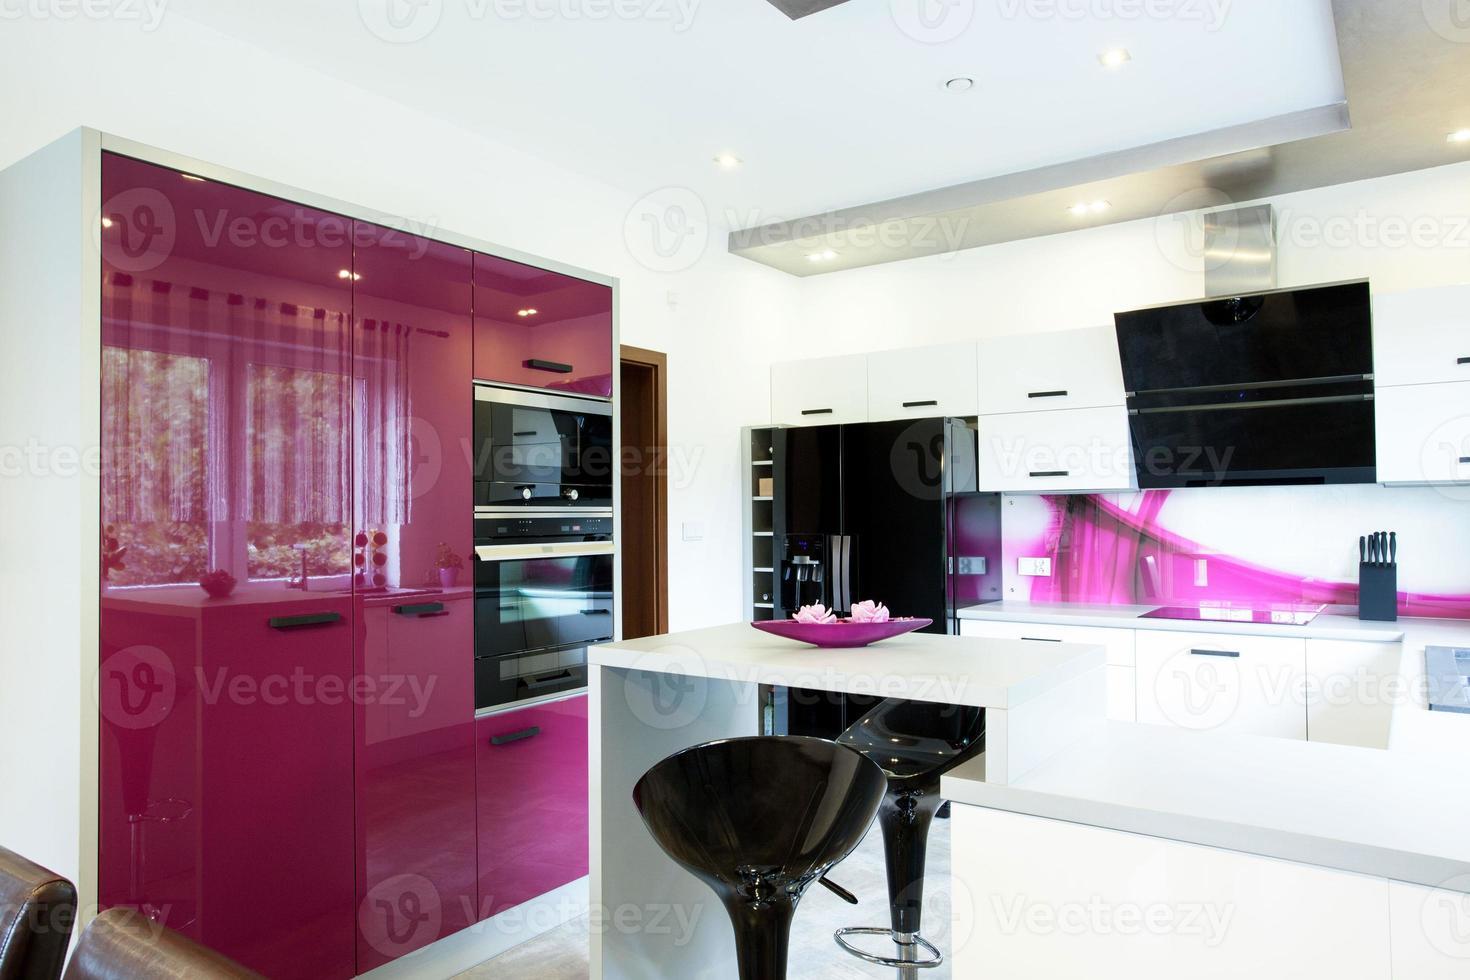 cozinha moderna com elementos roxos foto